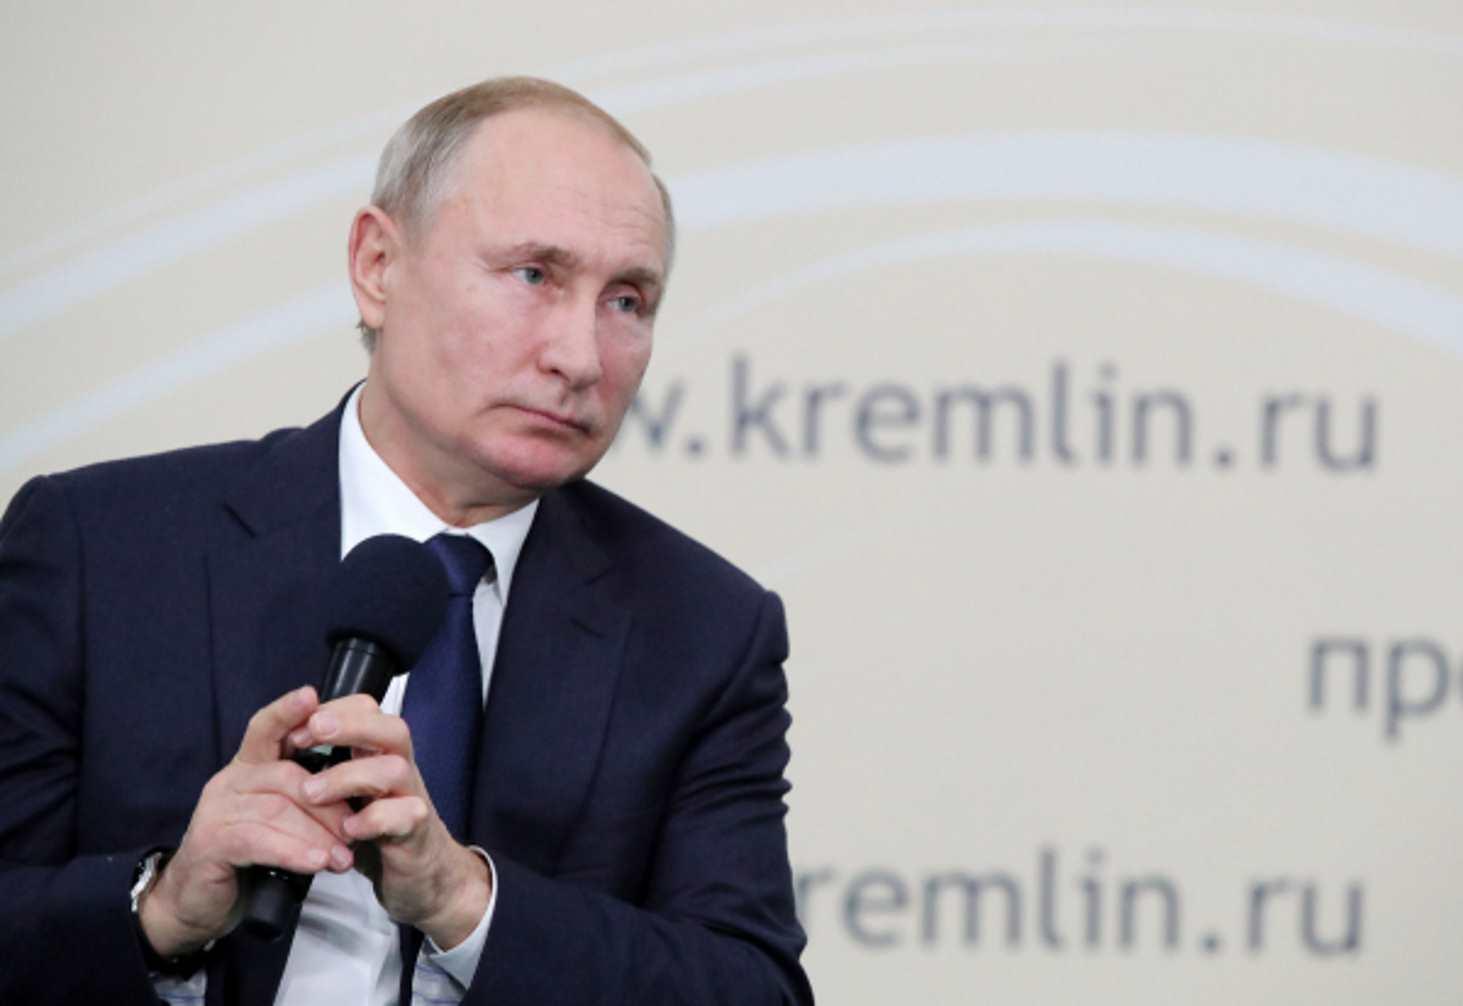 Путин: дистанционное образование не заменит личного контакта с учителем